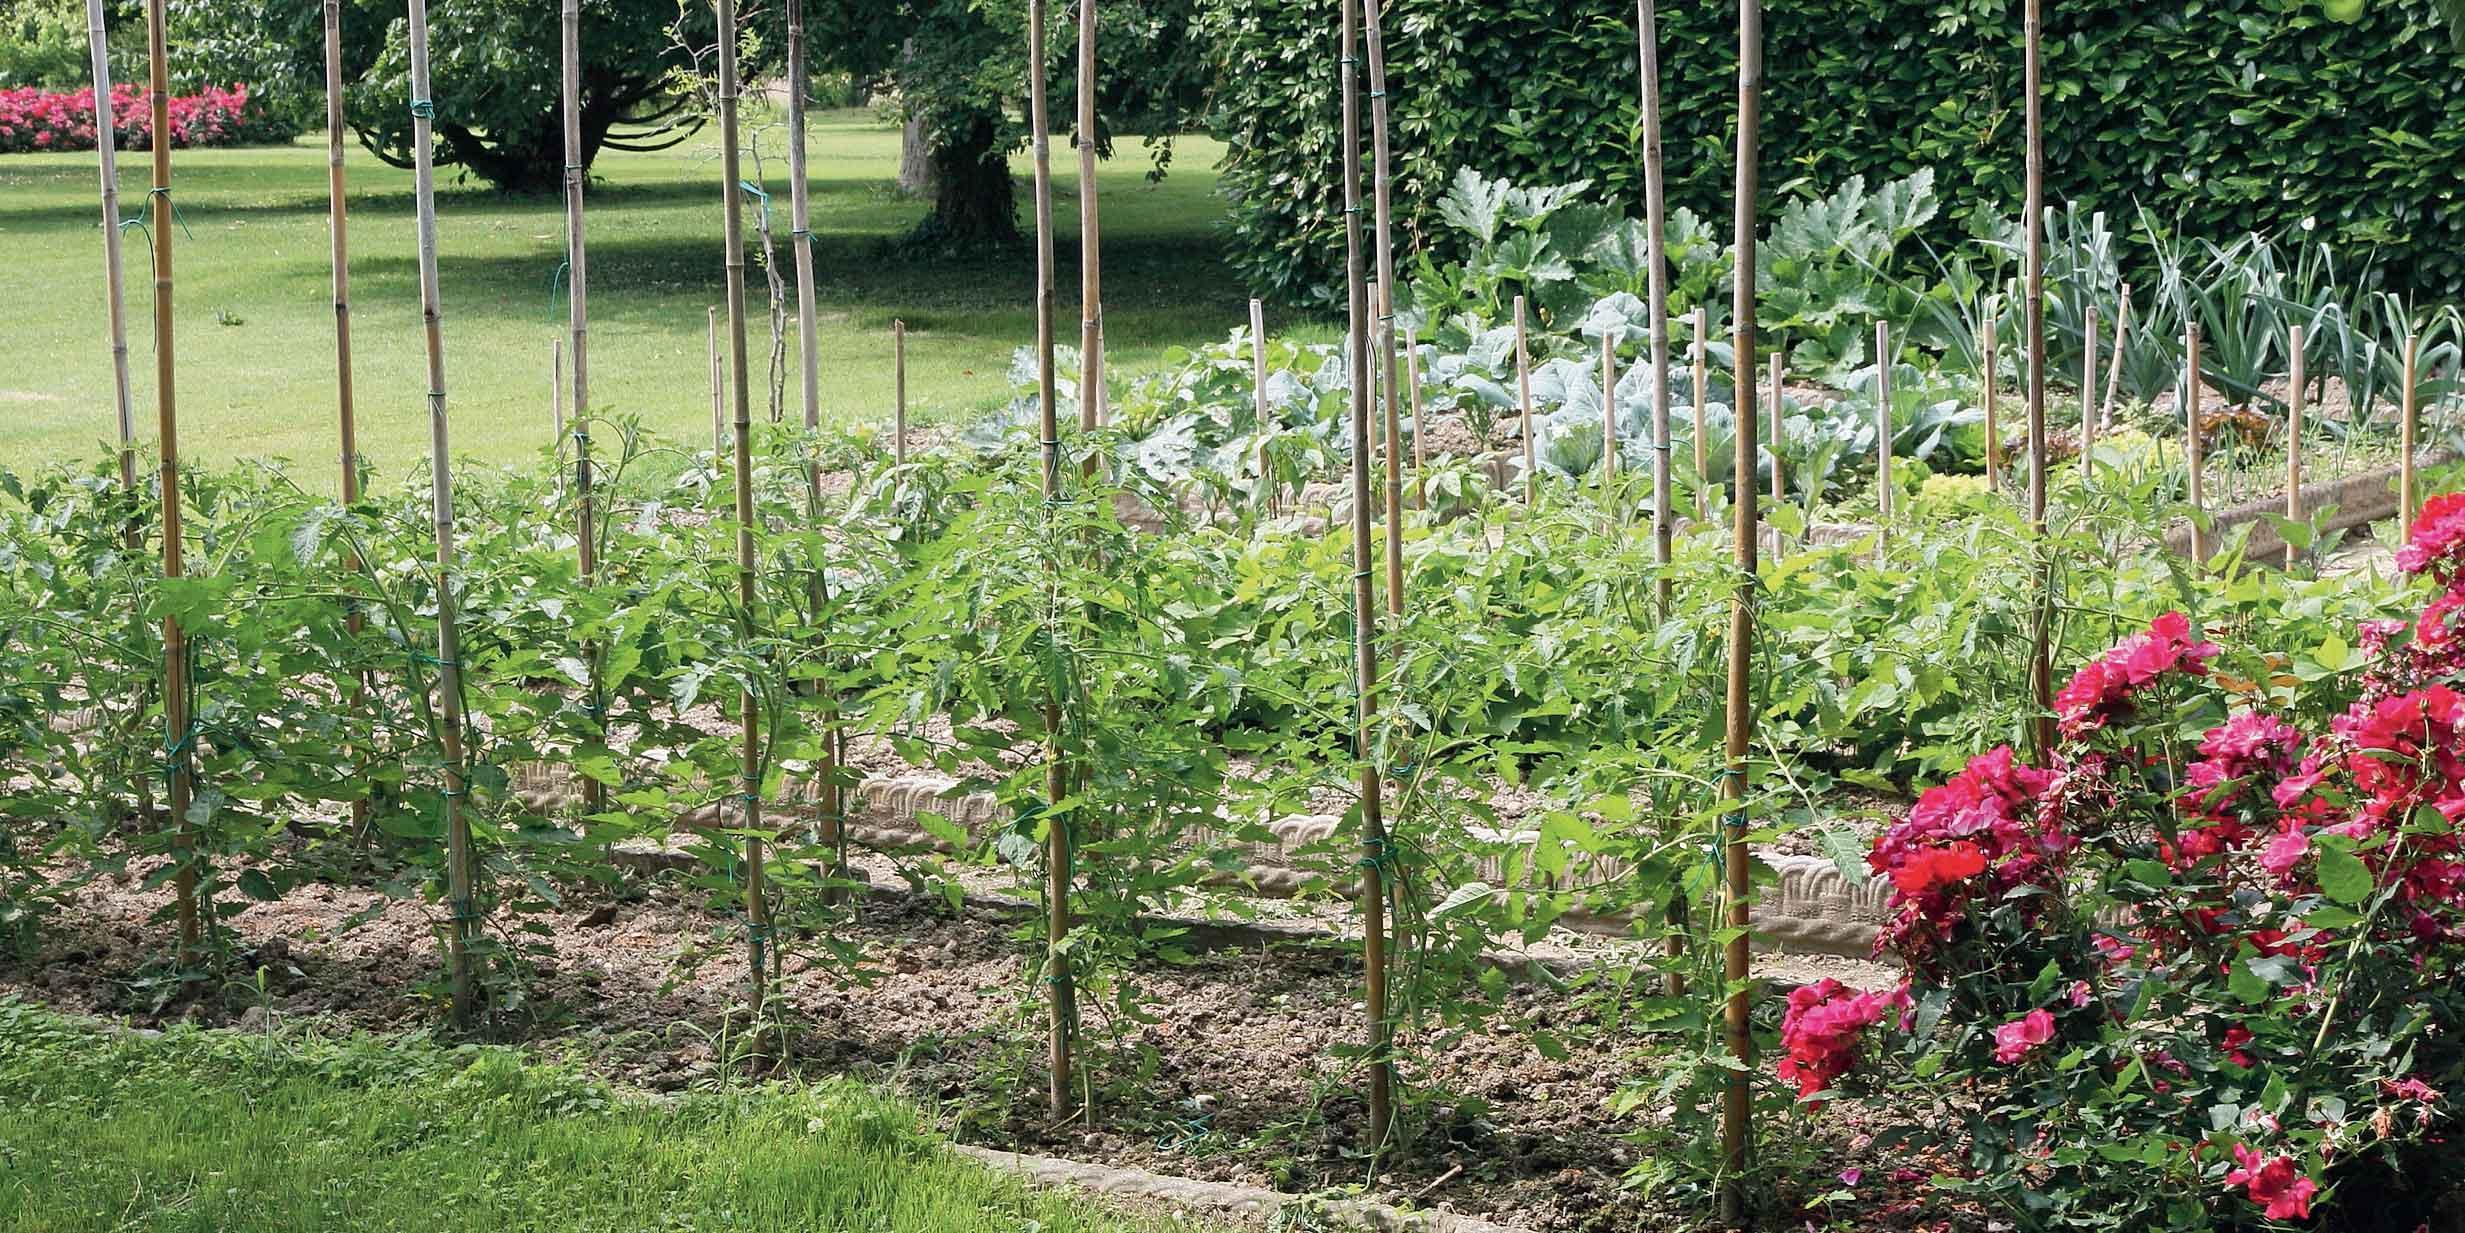 Varietà Zucchine Da Fiore ortaggi rampicanti, se c'è poco spazio - cose di casa